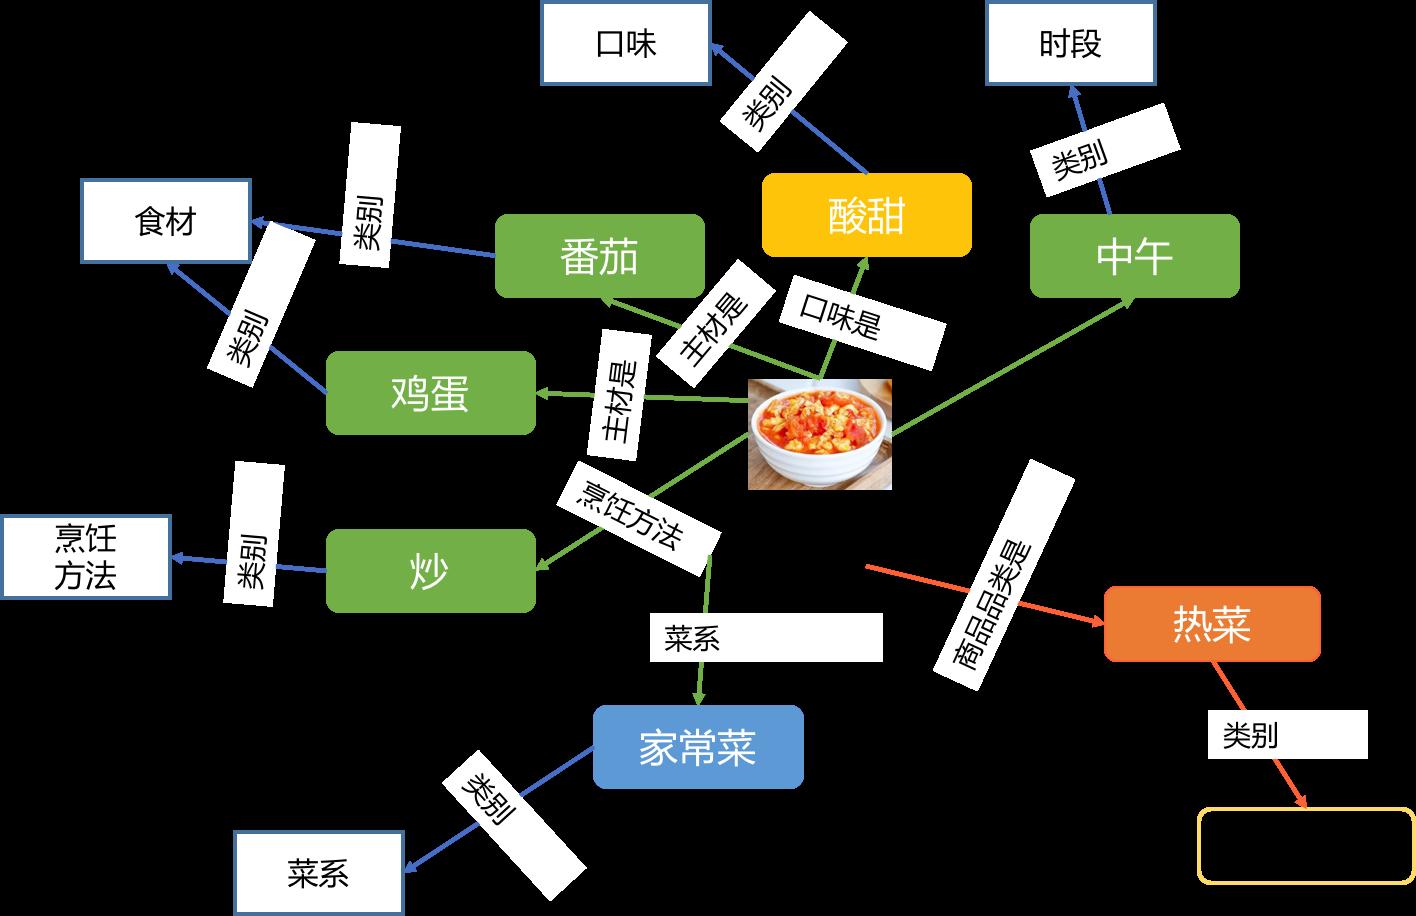 图3 外卖美食知识图谱